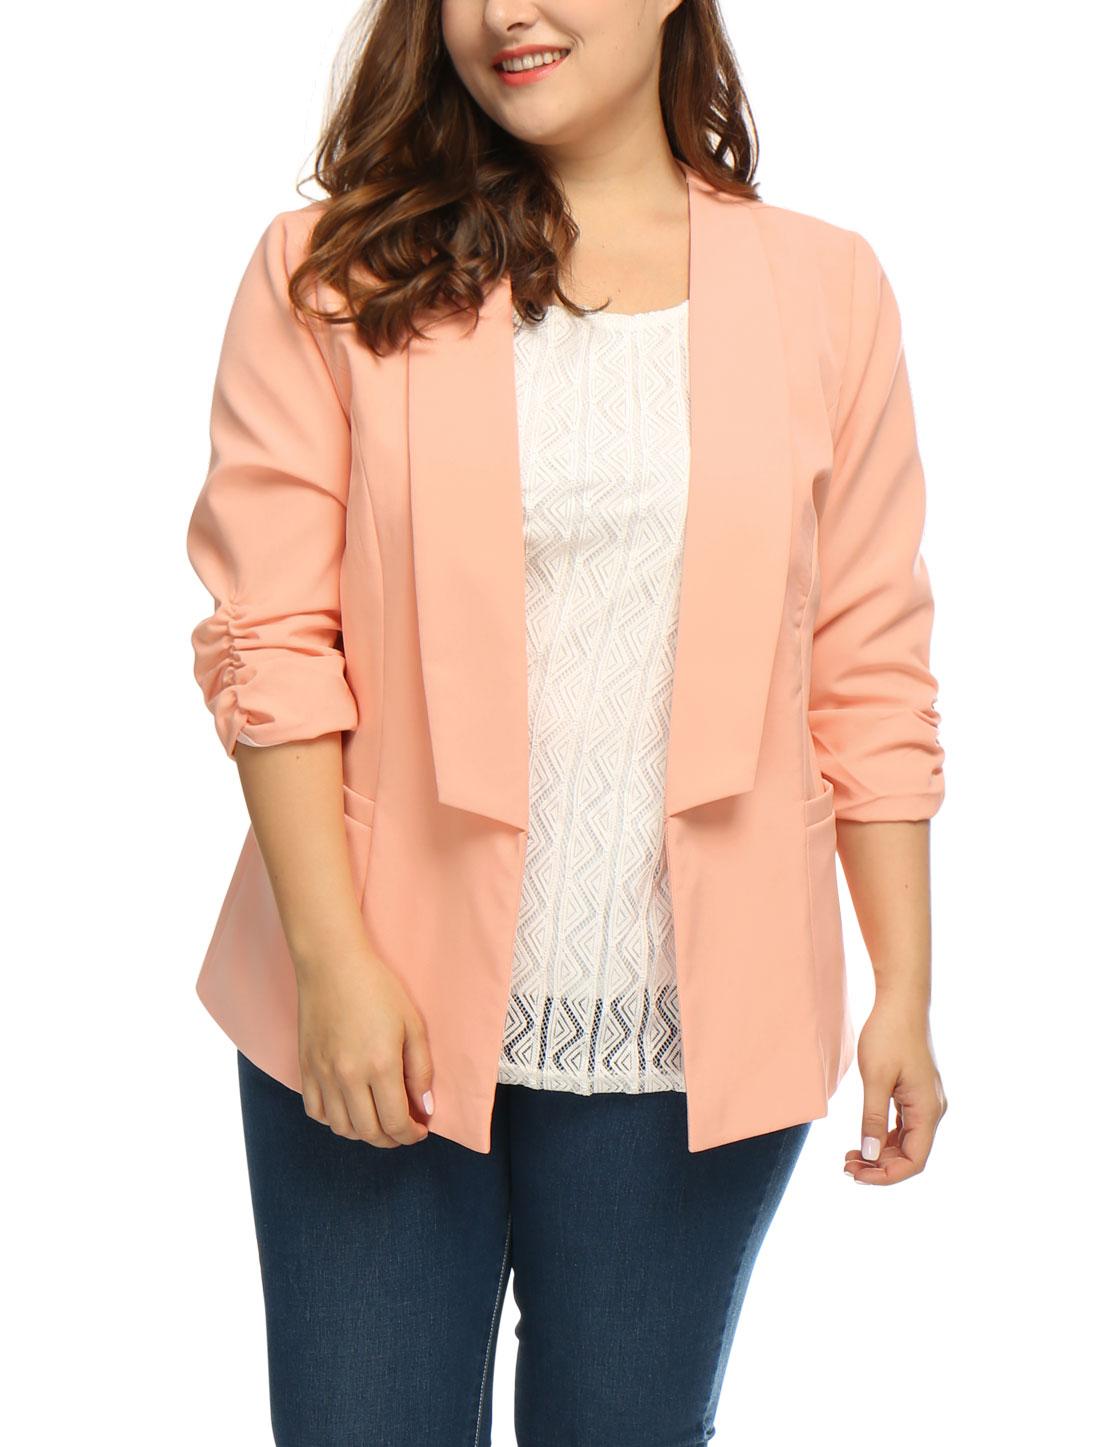 Women Plus Size 3/4 Sleeves Ruched Cuffs Blazer Pink 2X